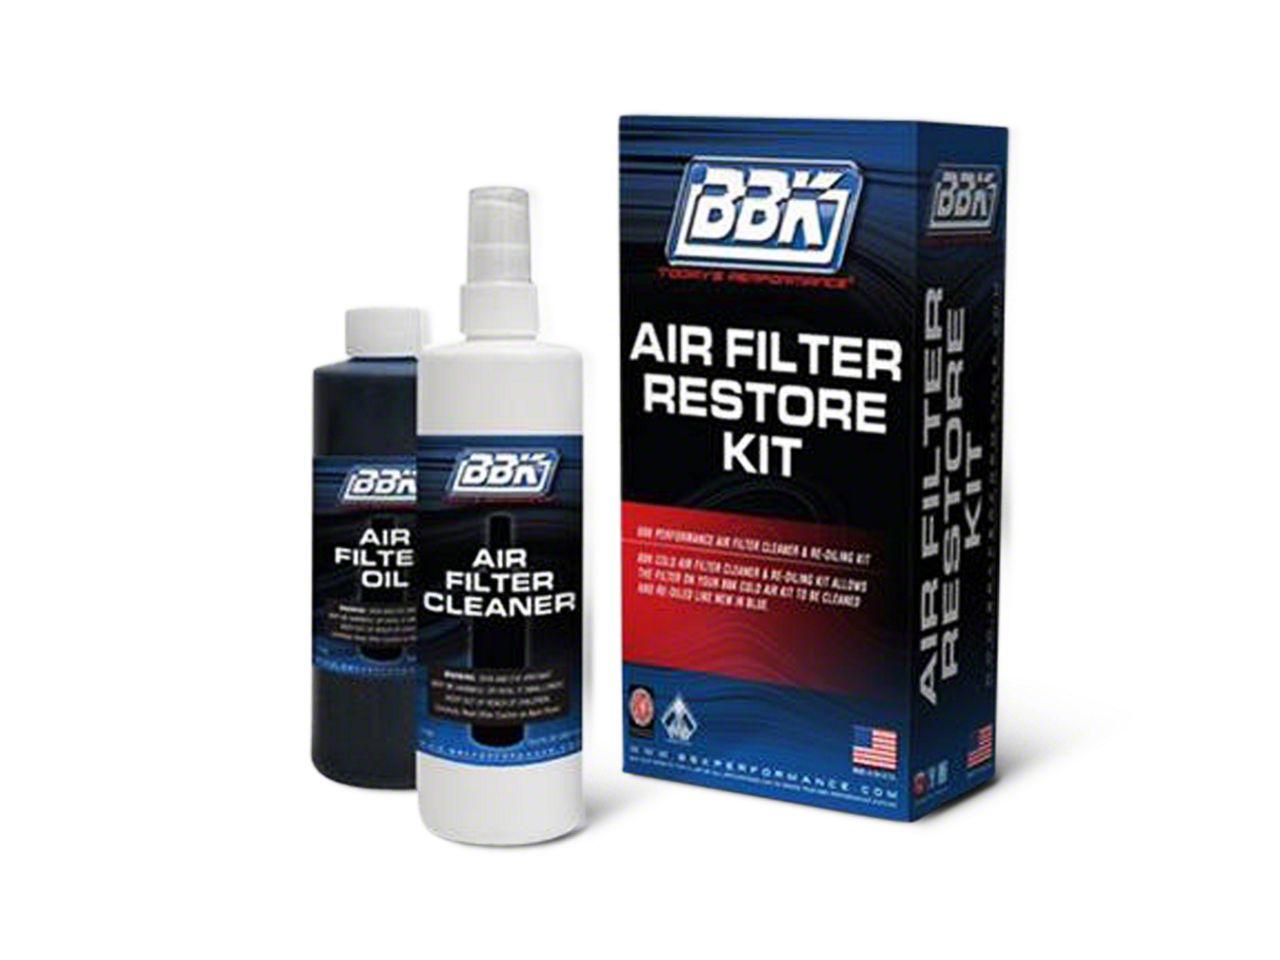 BBK Air Filter Cleaner & Re-Oil Kit